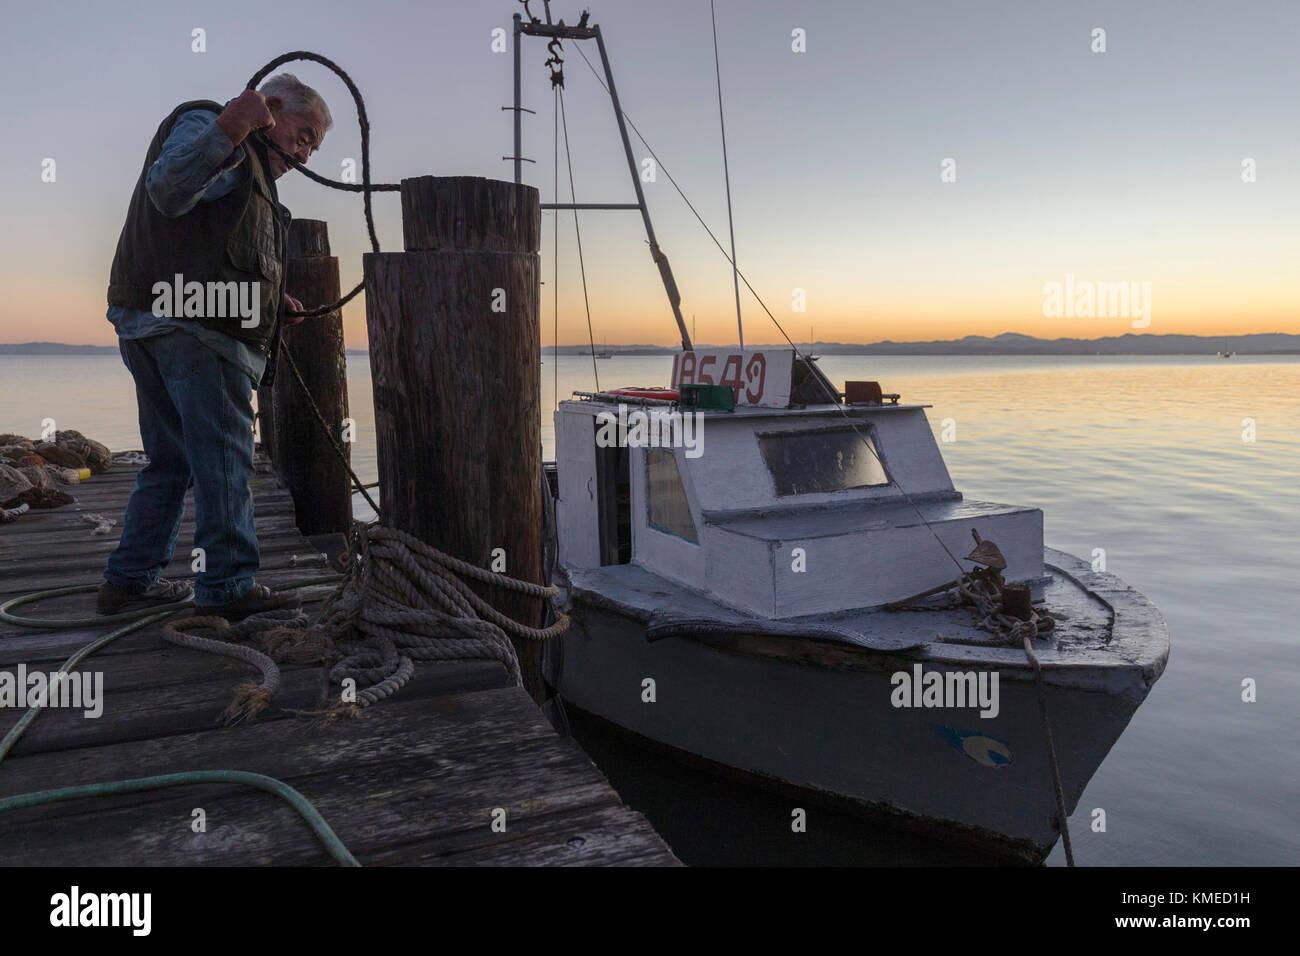 De pie en el muelle de pescadores de camarones cerca en lancha al atardecer,china Camp, California, EE.UU. Foto de stock